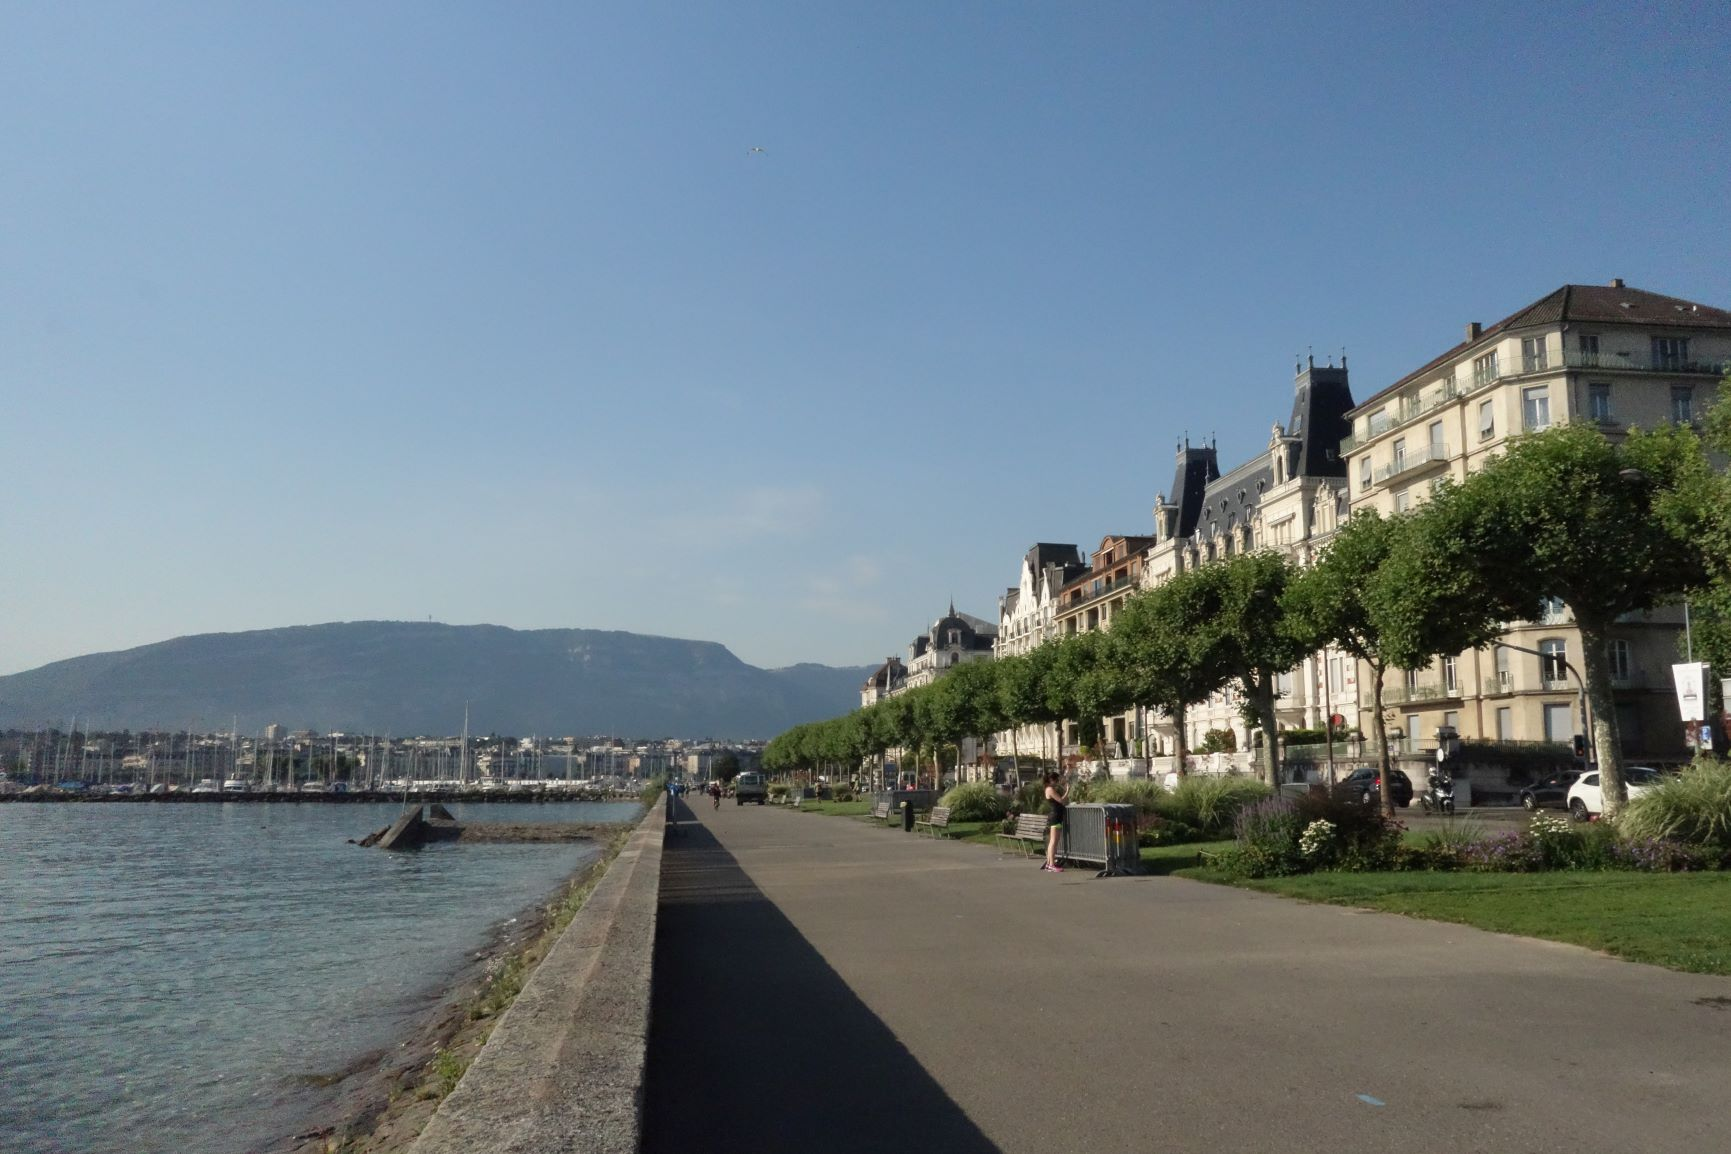 Nábřeží Ženevského jezera, z Alpenpanorama Weg